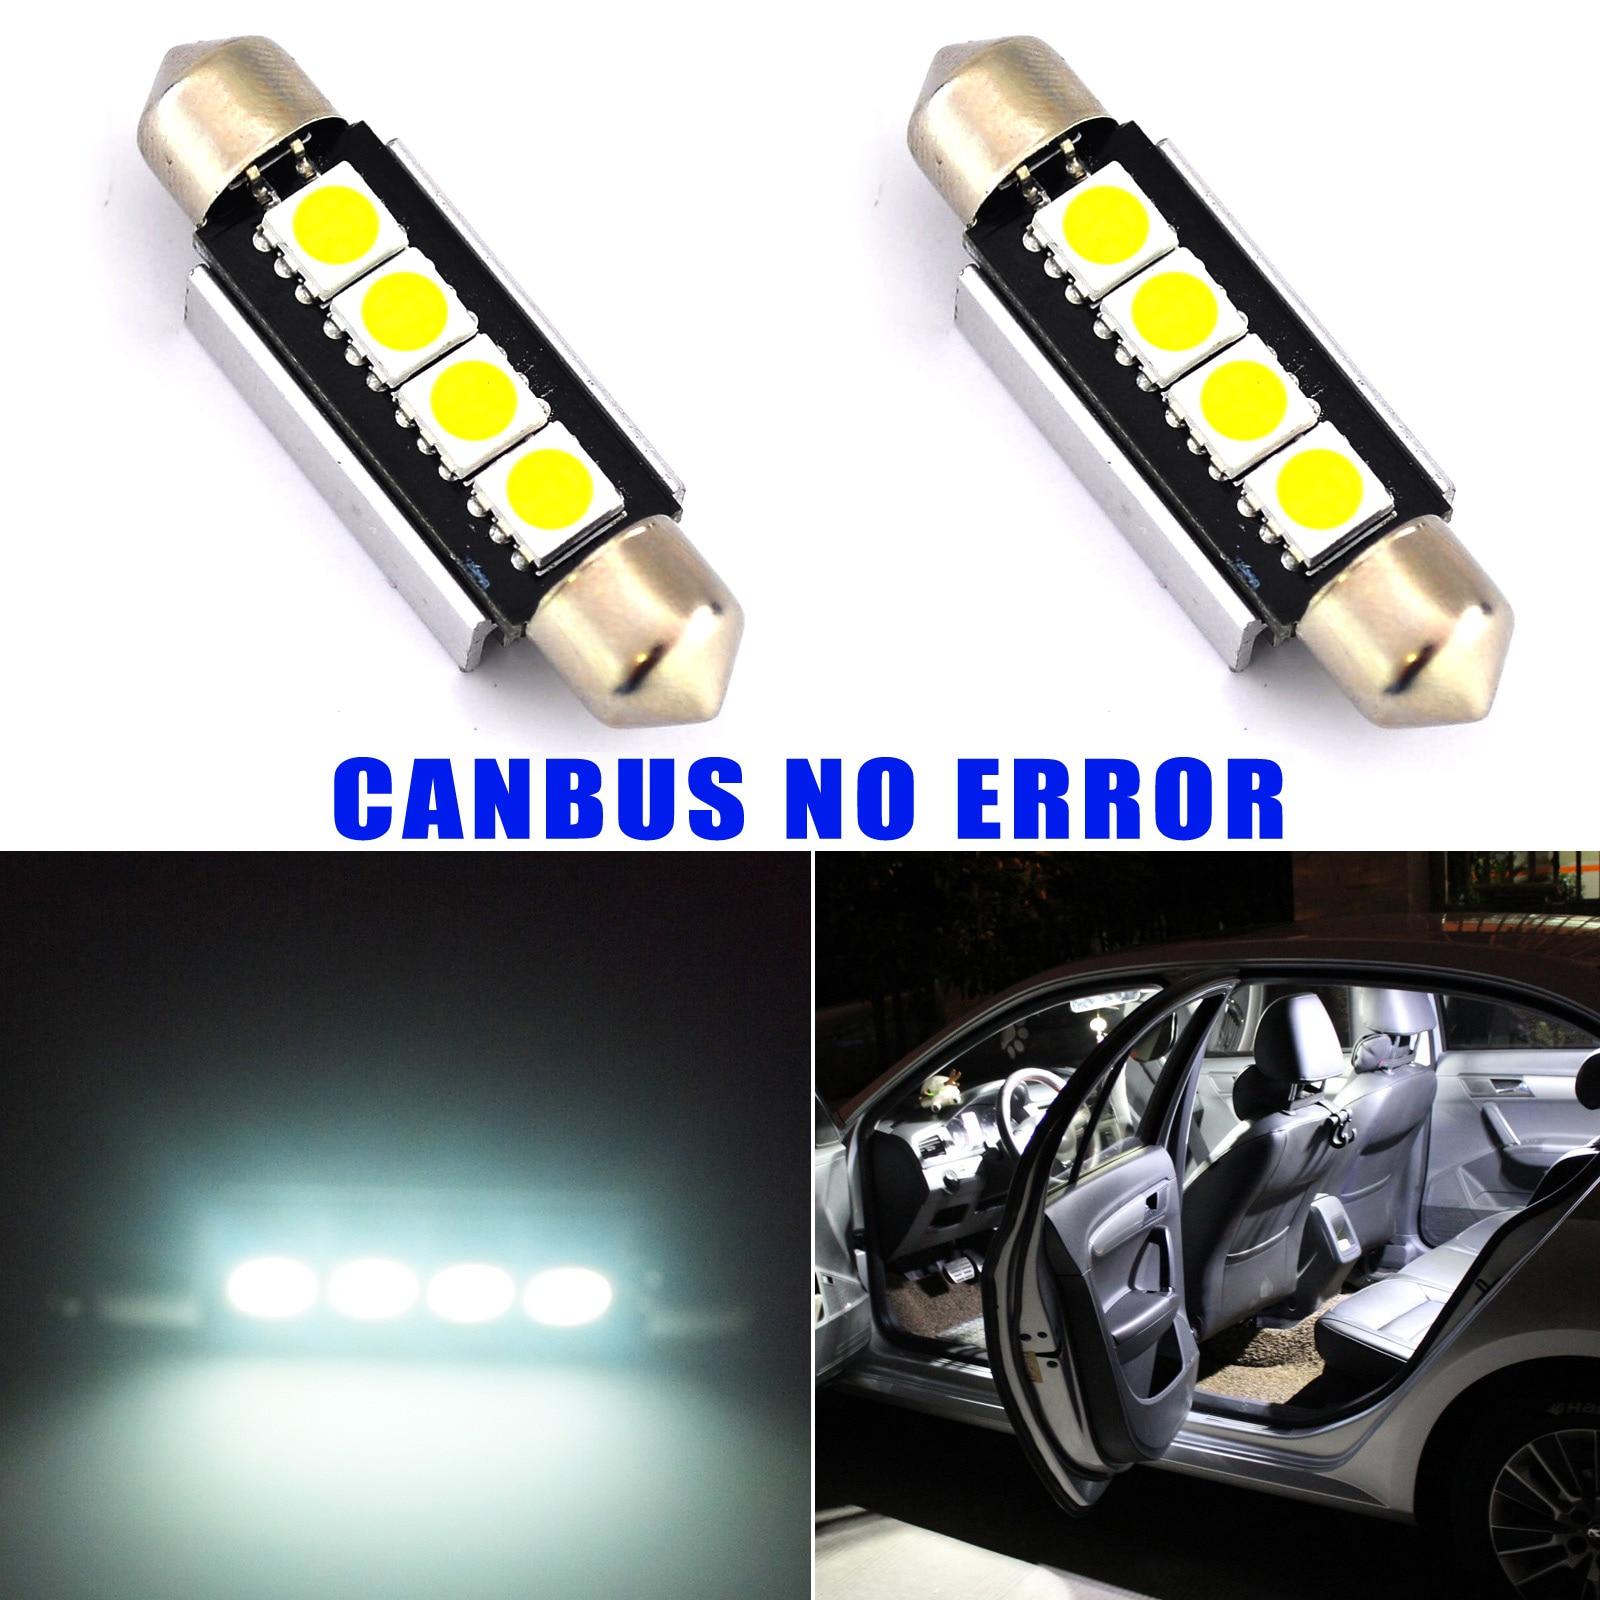 2 шт. Автомобиль Профессиональный Купол 5050 SMD <font><b>LED</b></font> Лампочка Интерьер Гирлянда <font><b>Canbus</b></font> <font><b>Led</b></font> 42 ММ Super White